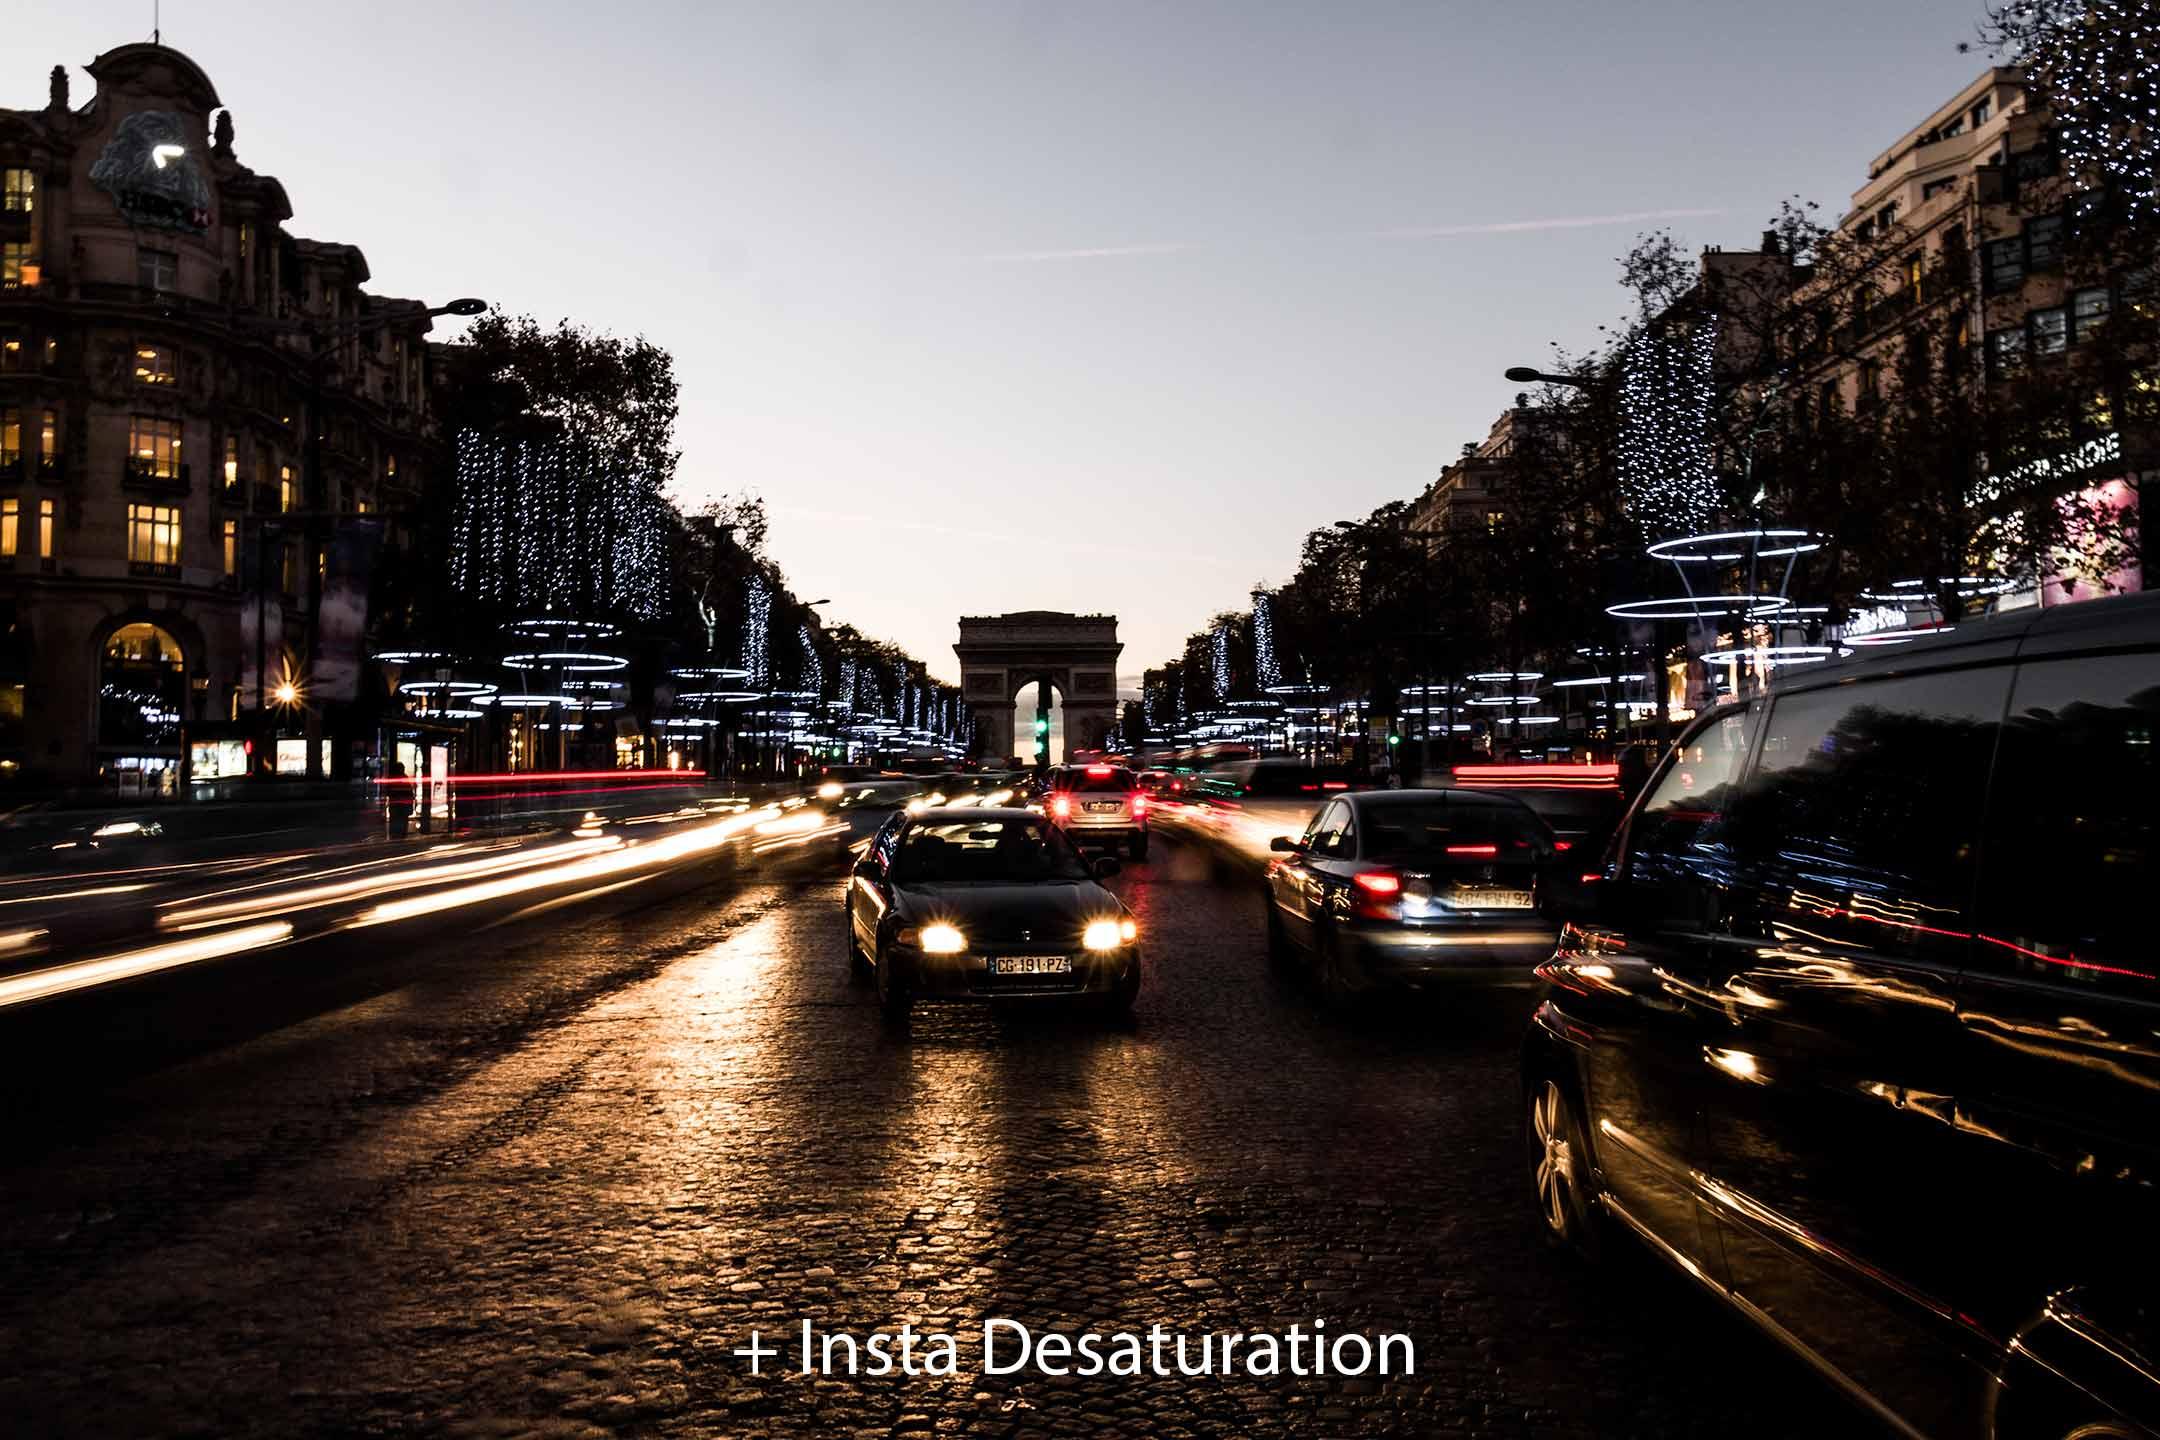 Insta Desaturation 1.jpg